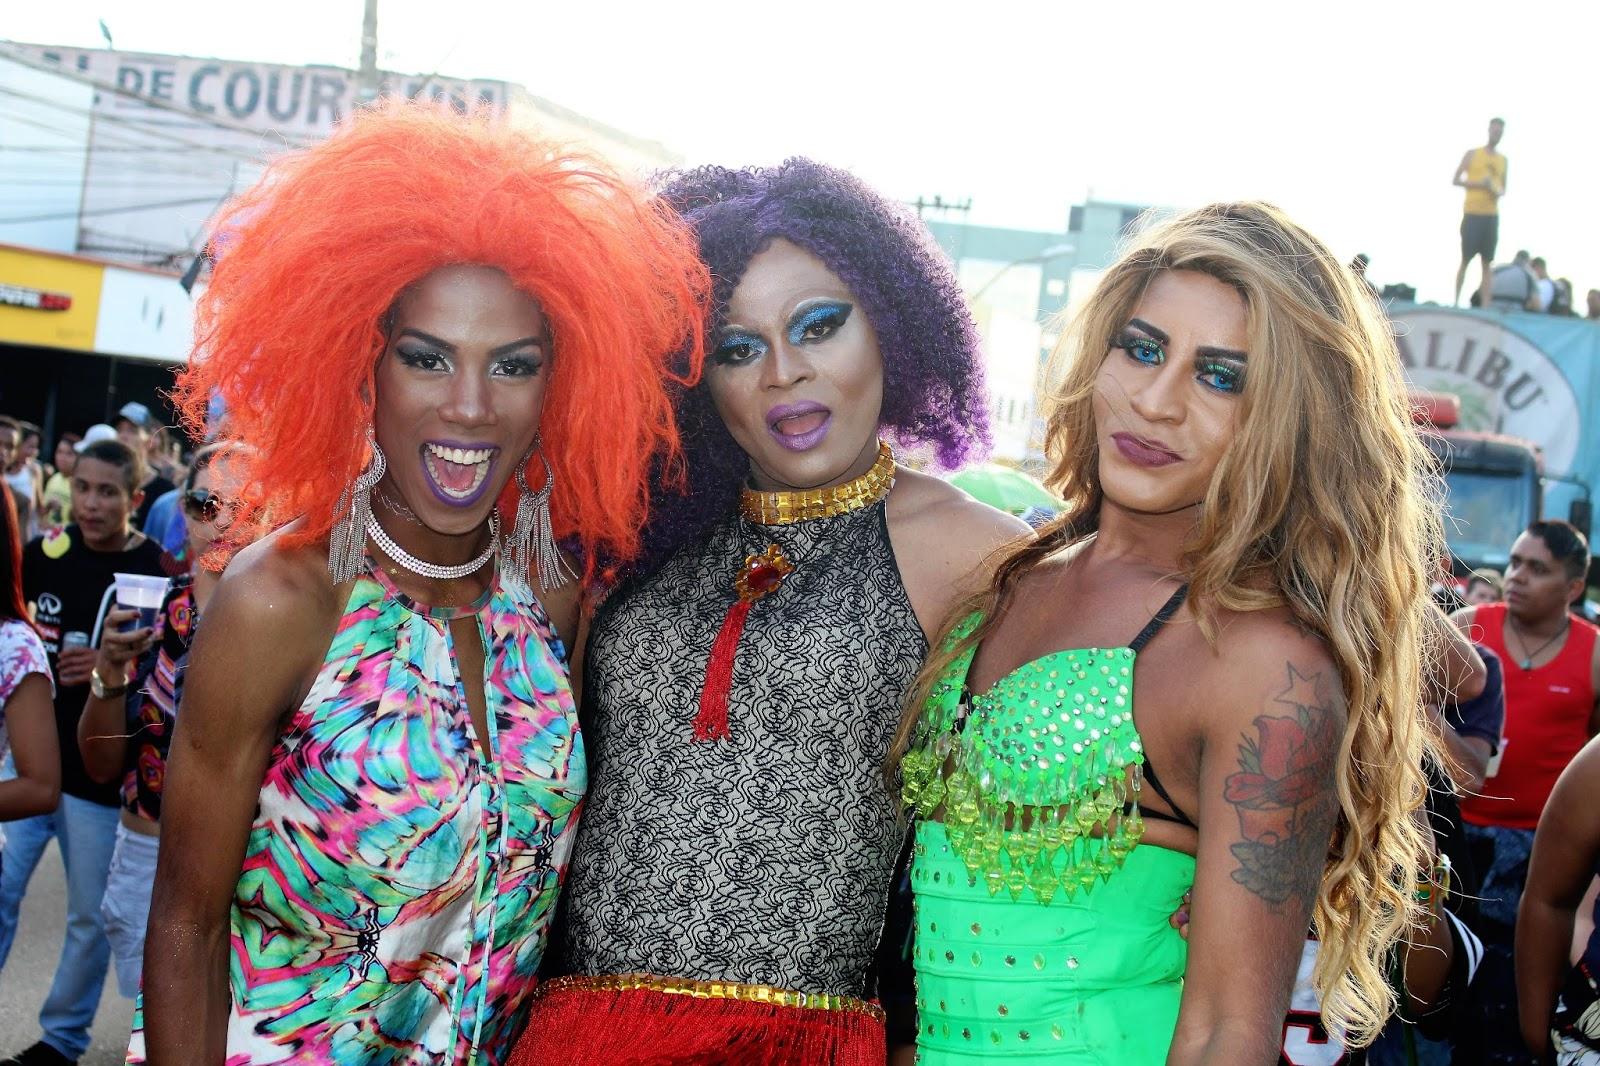 Guará encerra temporadas de Paradas LGBT do DF no próximo domingo